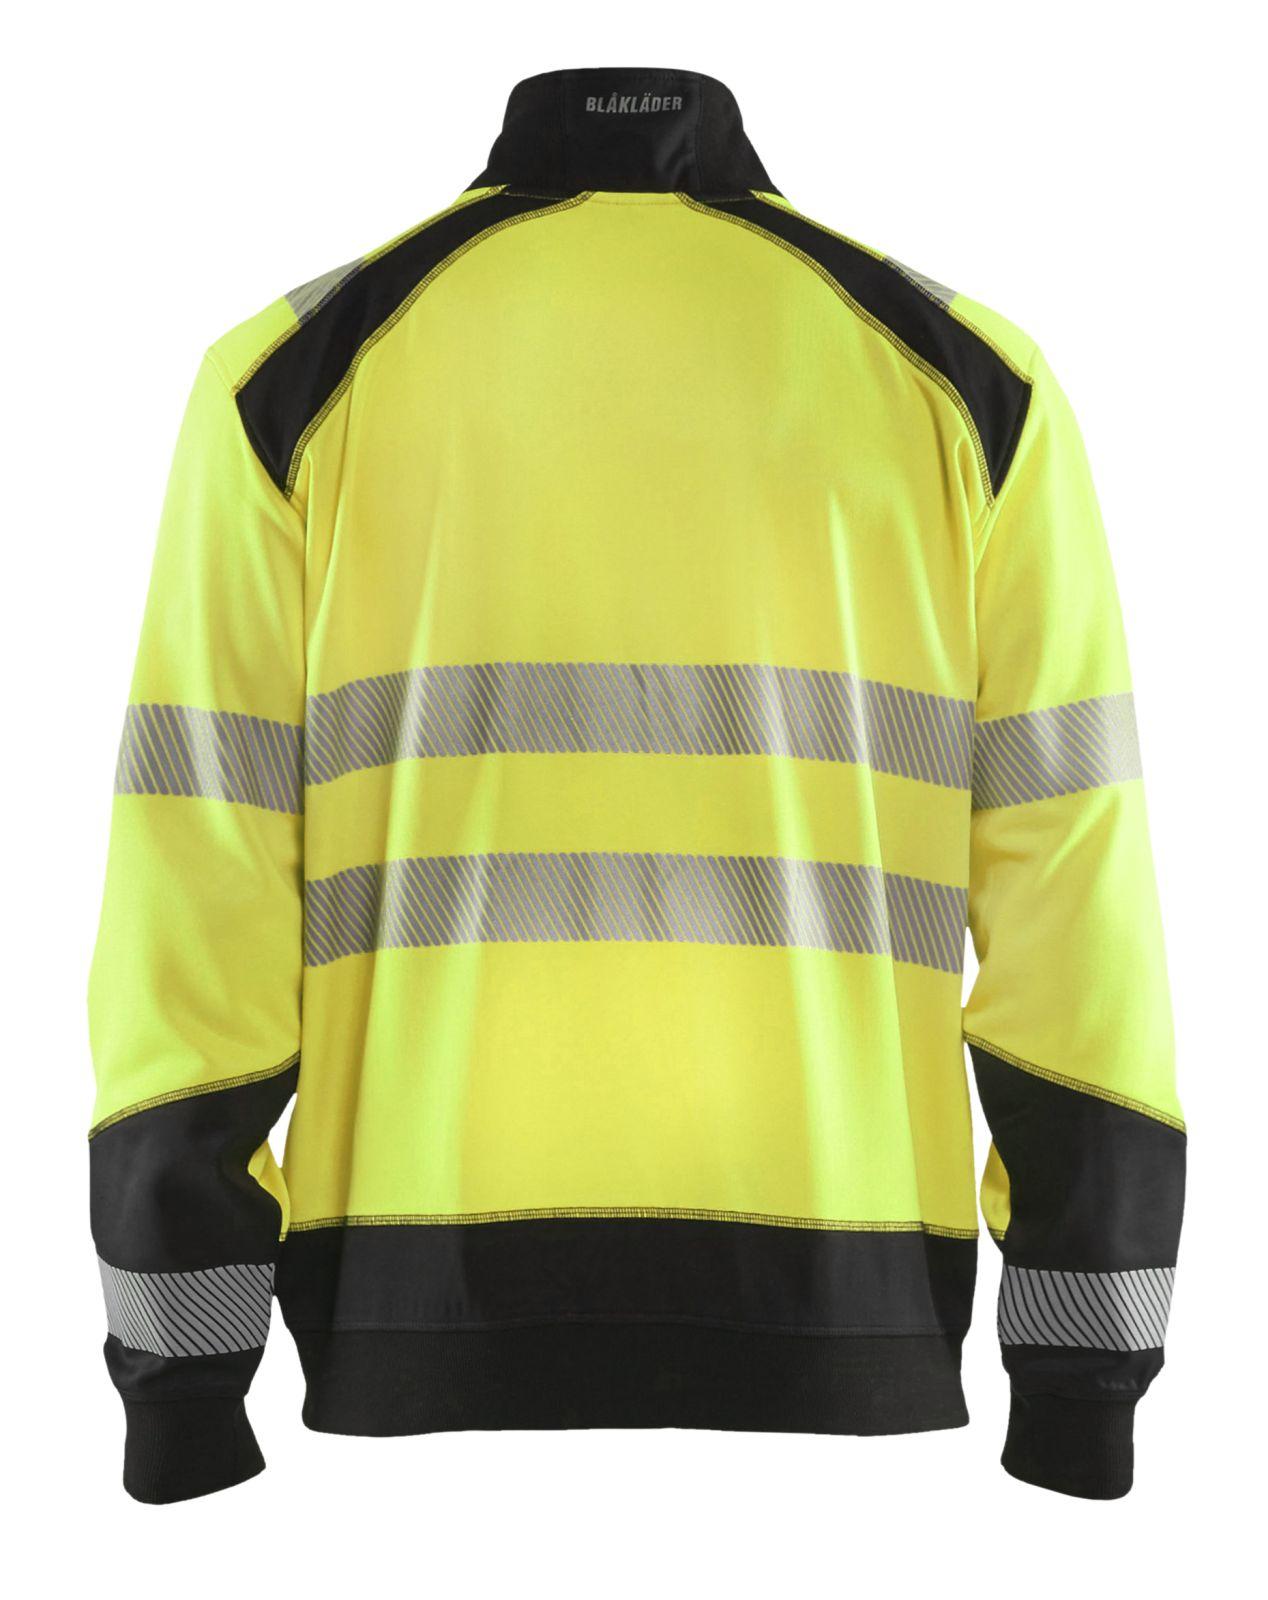 Blaklader Truien 35562528 High Vis fluo geel-zwart(3399)